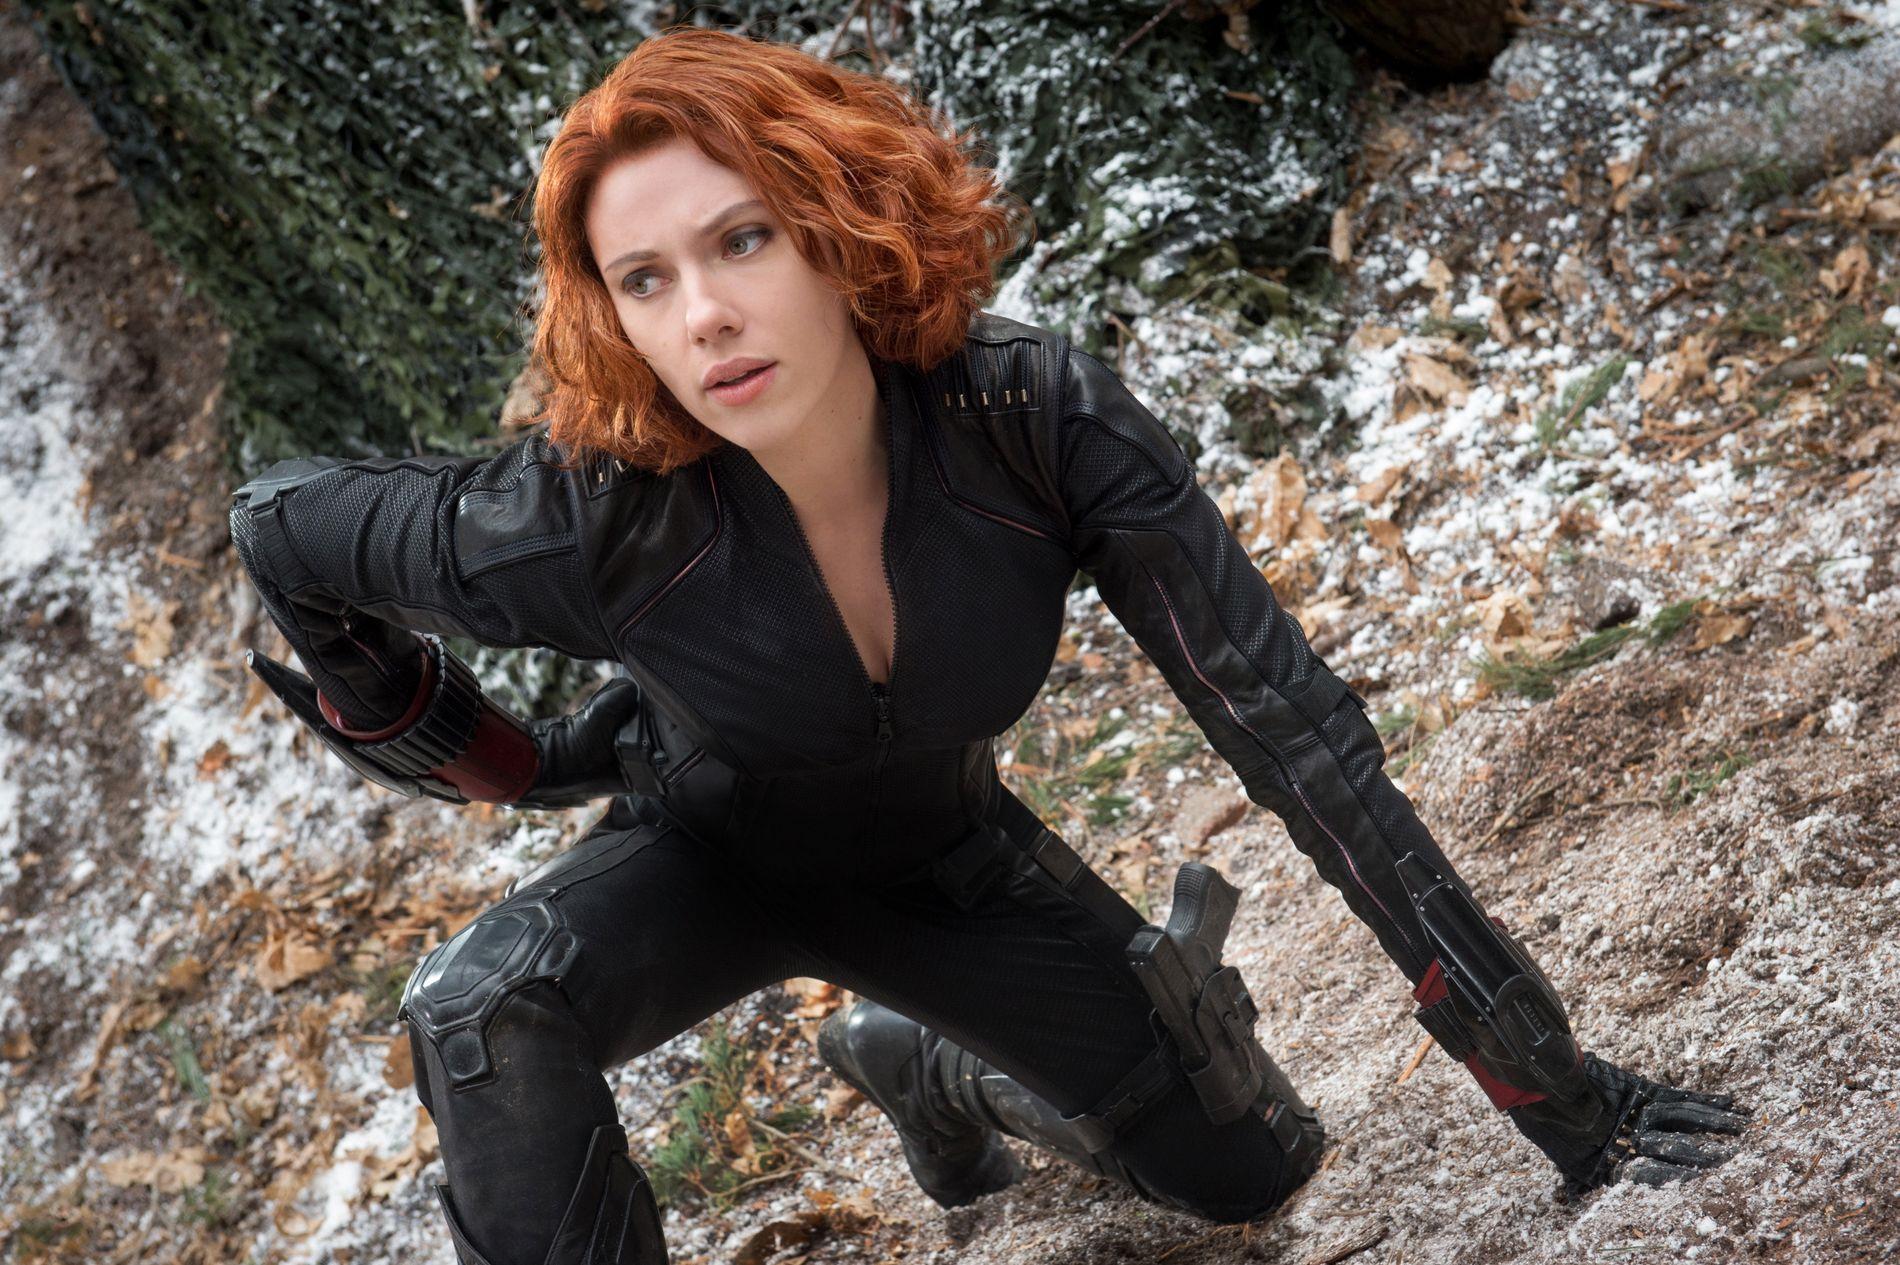 KJENT KARAKTER: Scarlett Johansson i rollen som Natasha Romanoff, Black Widow, i «Avengers: Age of Ultron» fra 2015.